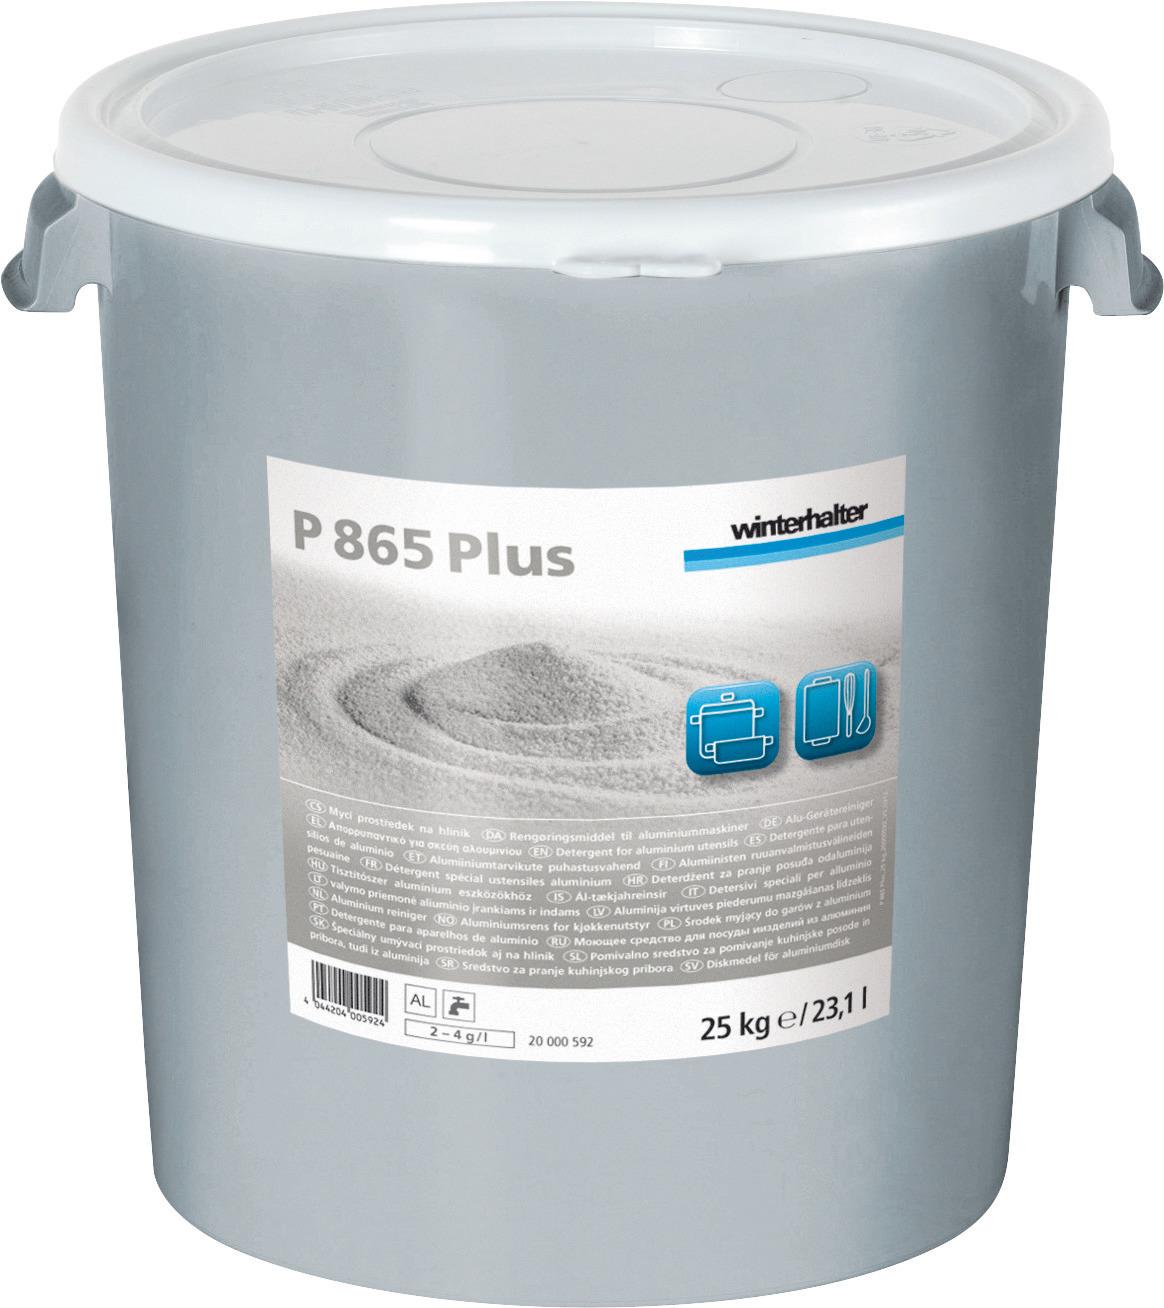 Alu-Gerätereiniger F 865 Plus / 25,00 kg Eimer